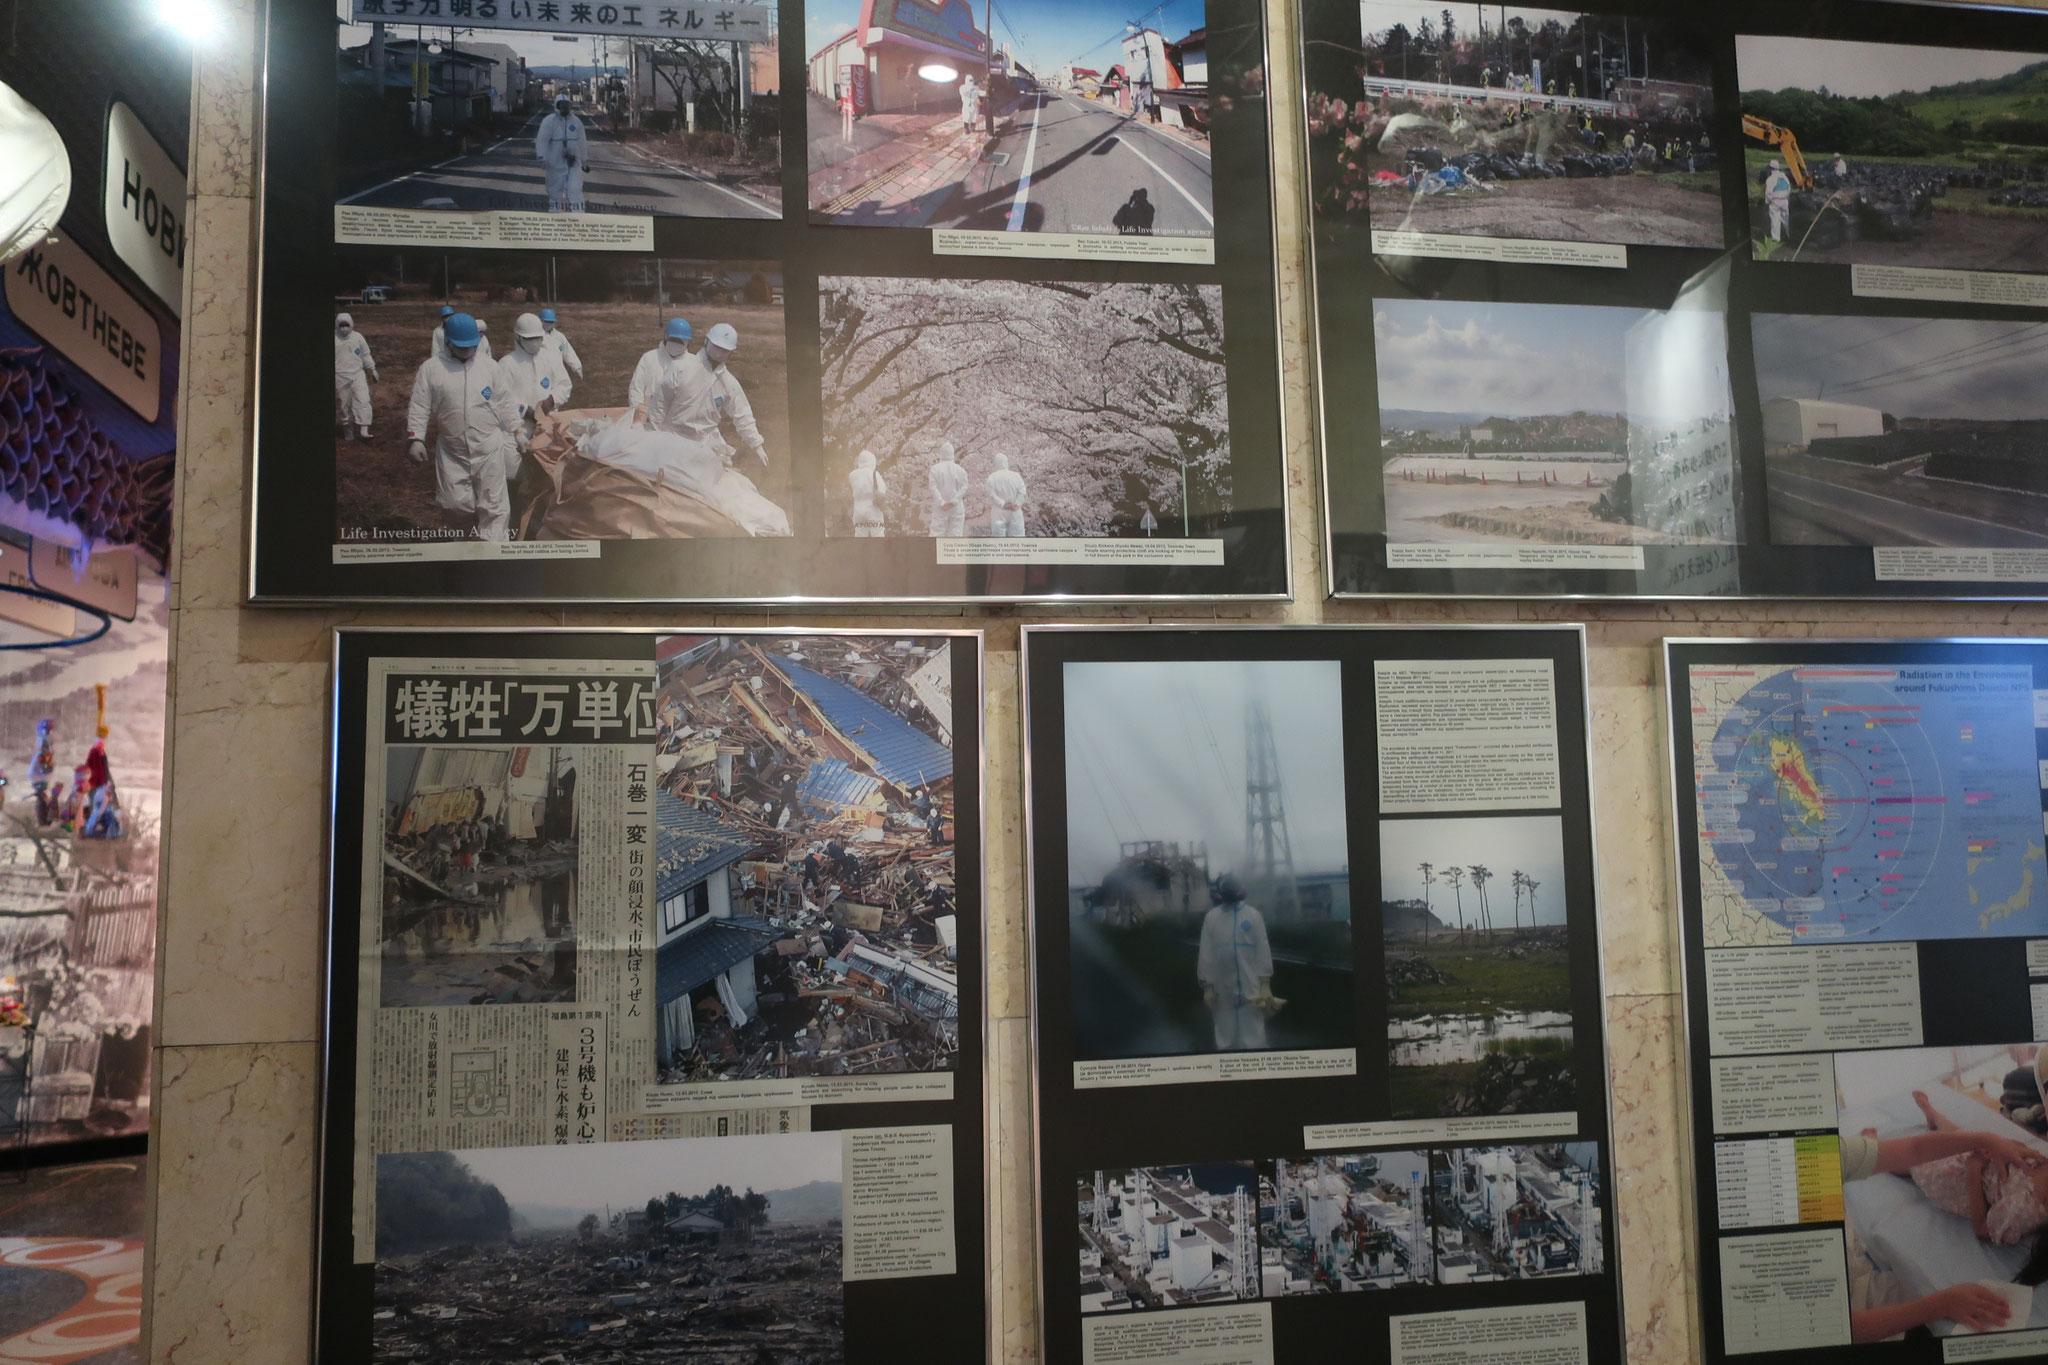 入口すぐ側に日本のフクシマ関連が展示されています